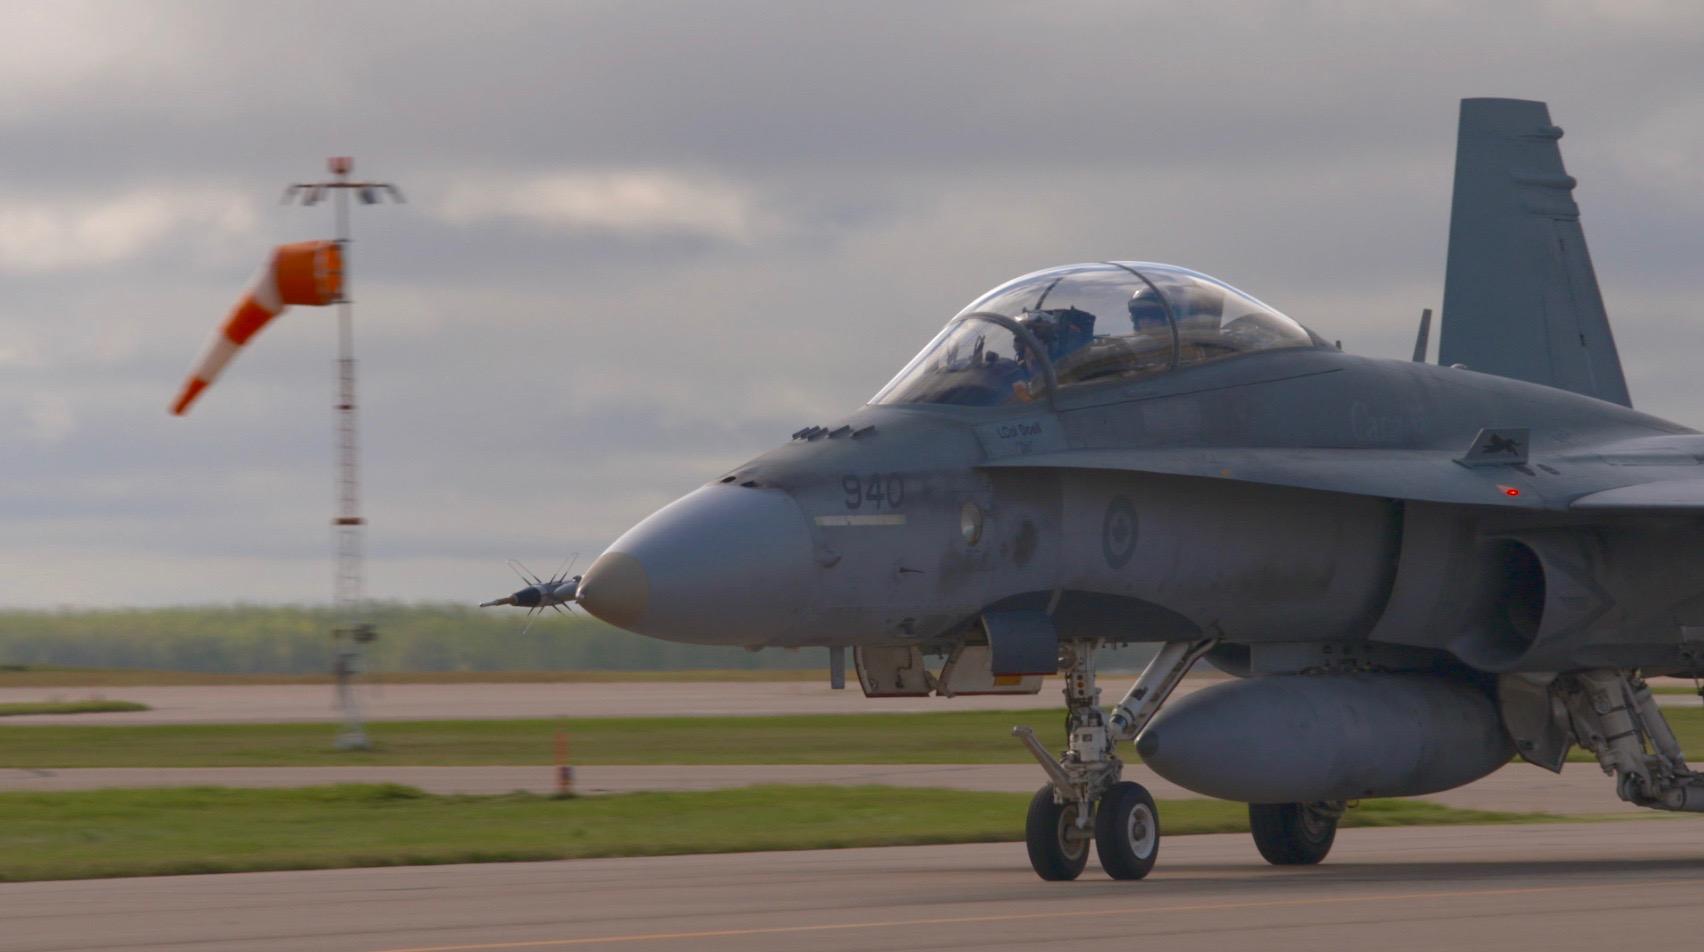 F18 Hornet Taxi